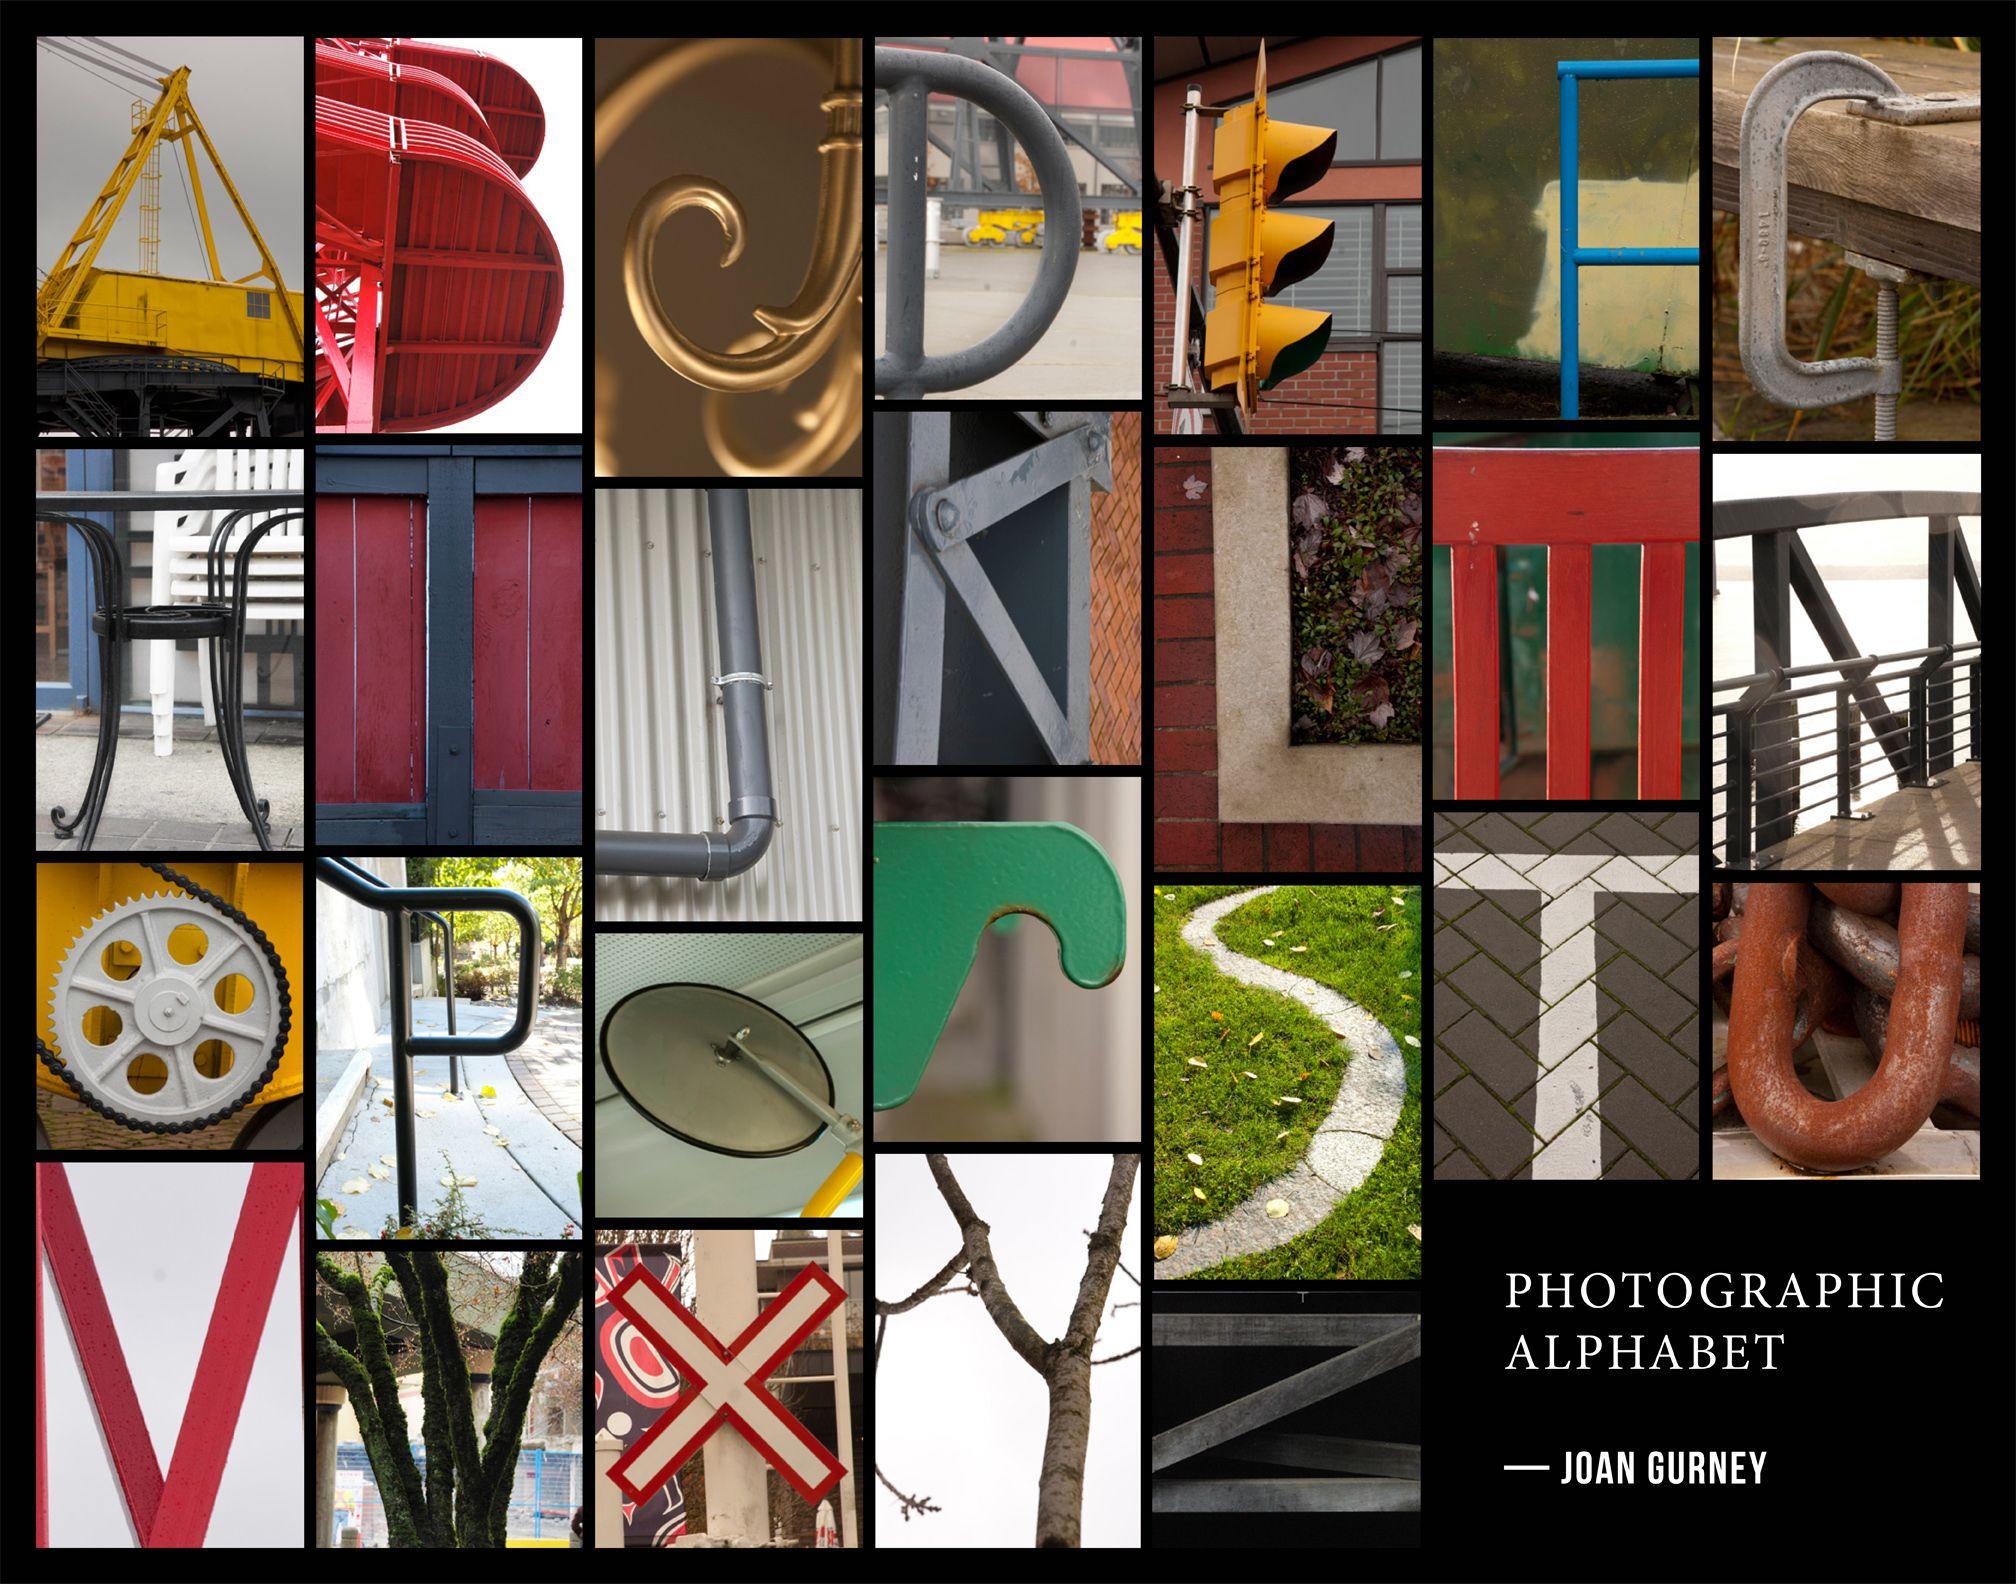 Photographic_Alphabet_Landscape | Photography | Pinterest | Alphabet - Free Printable Alphabet Photography Letters